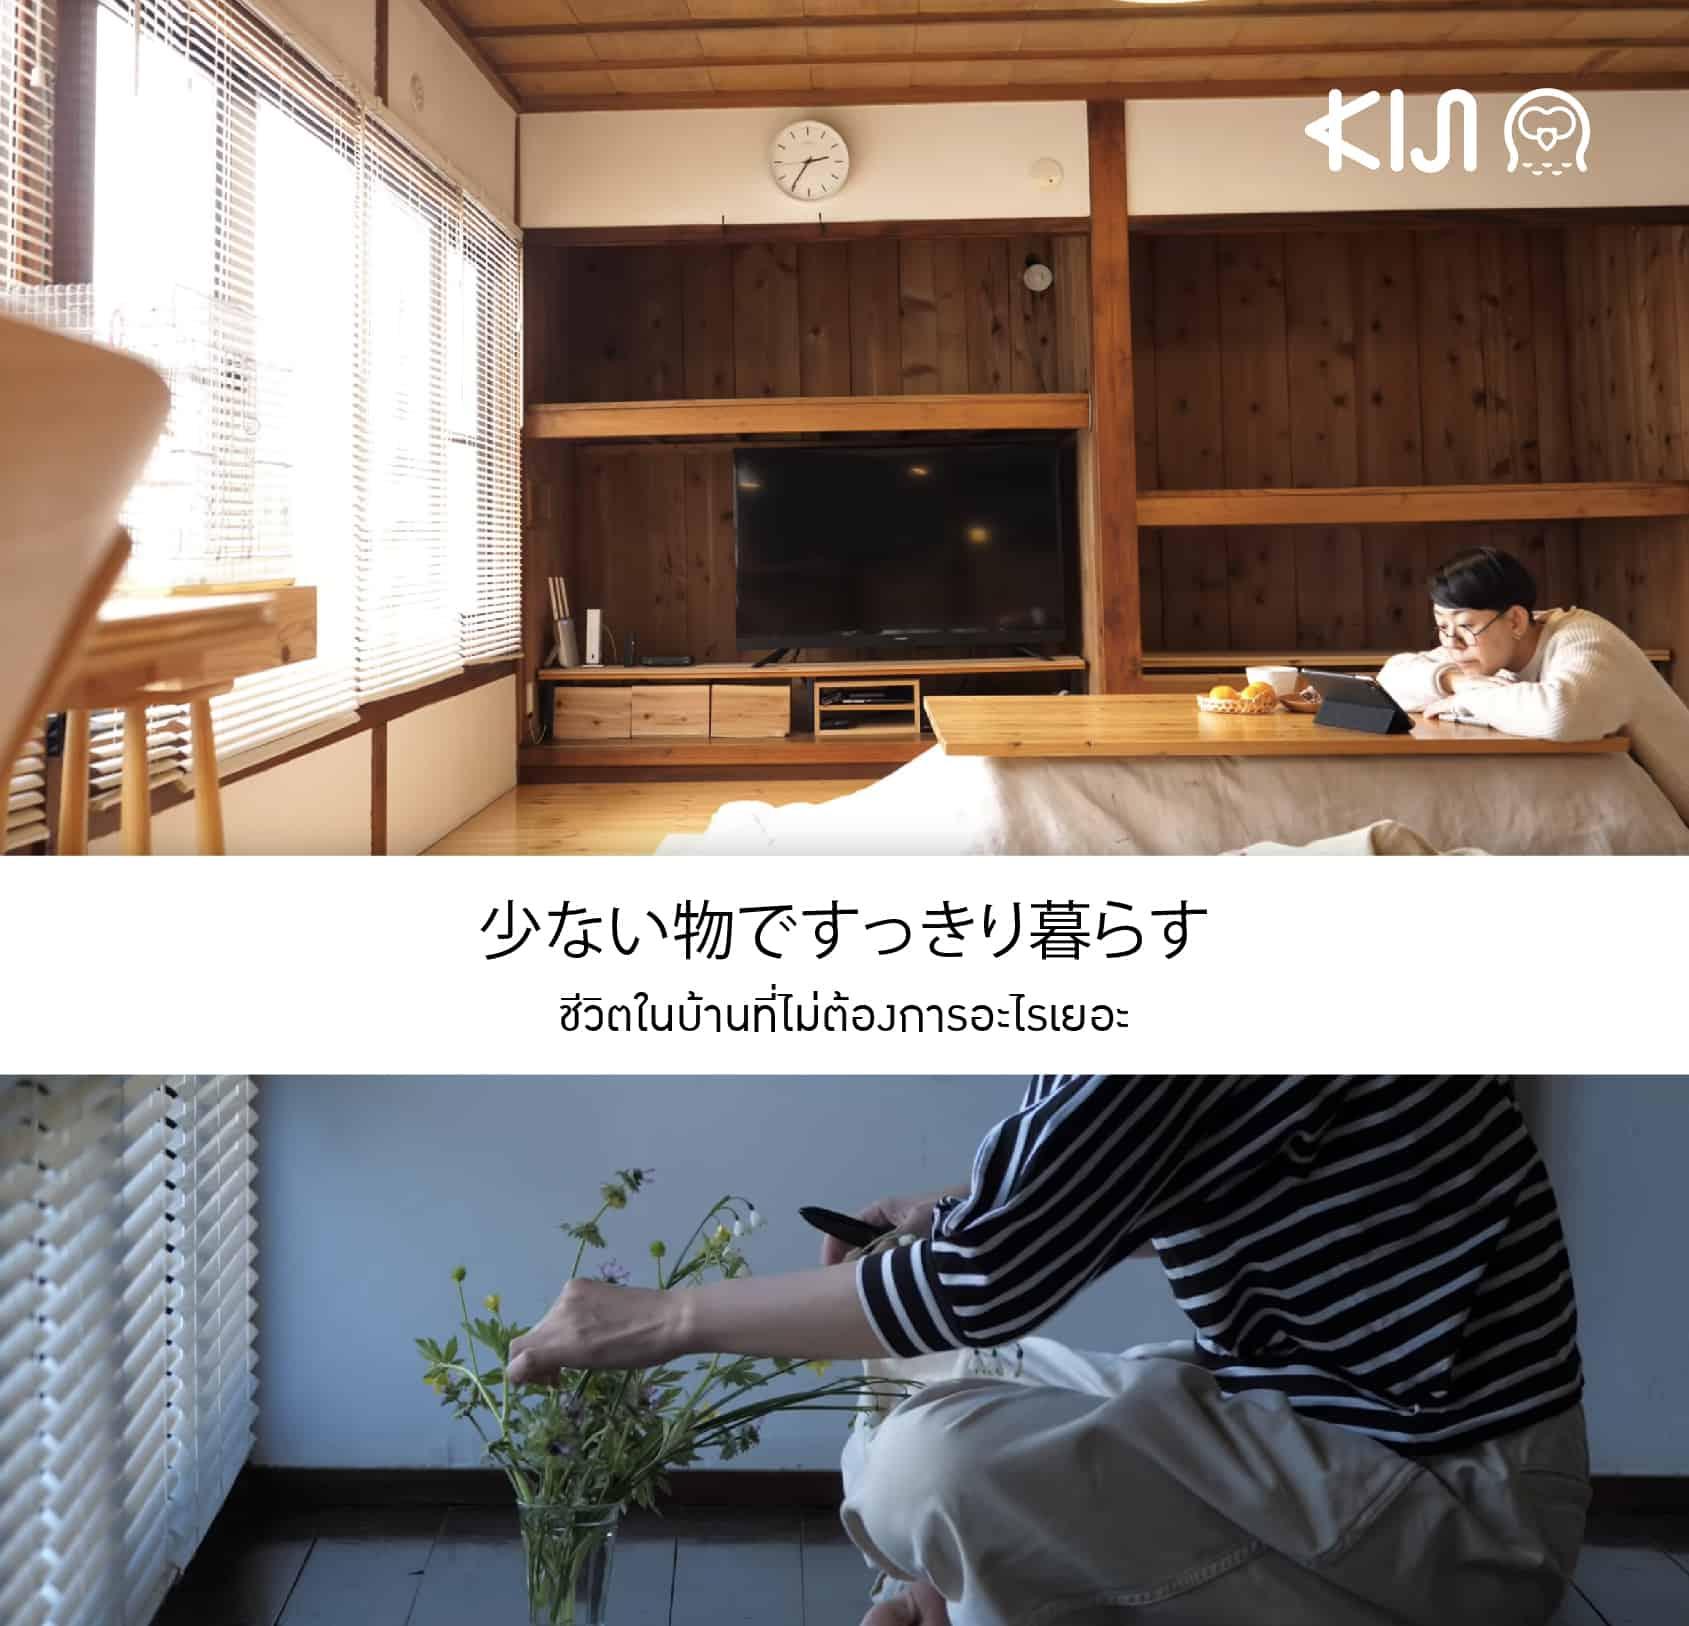 少ない物ですっきり暮らす ยูทูปเบอร์ญี่ปุ่น กับชีวิตในบ้านที่ไม่ต้องการอะไรเยอะ